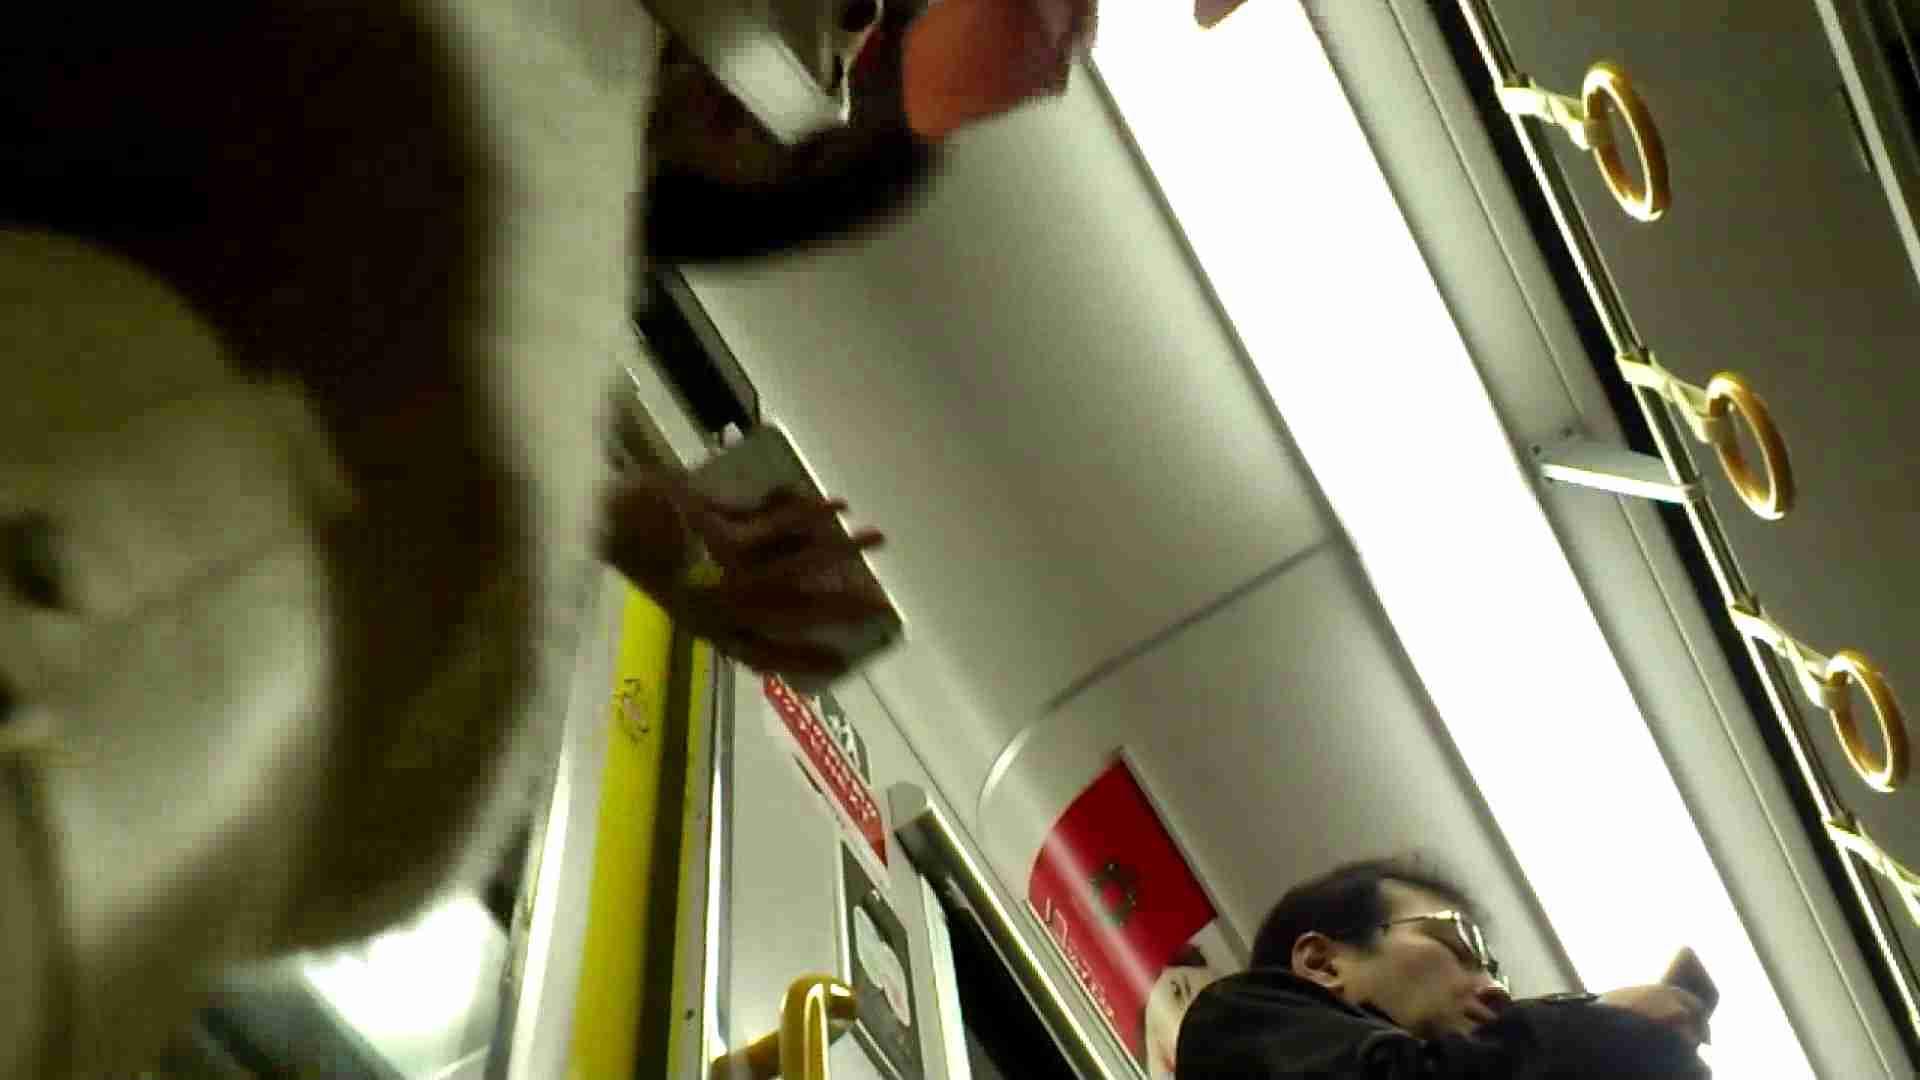 盗撮列車 vol.01 エッチなお姉さん セックス画像 90画像 60